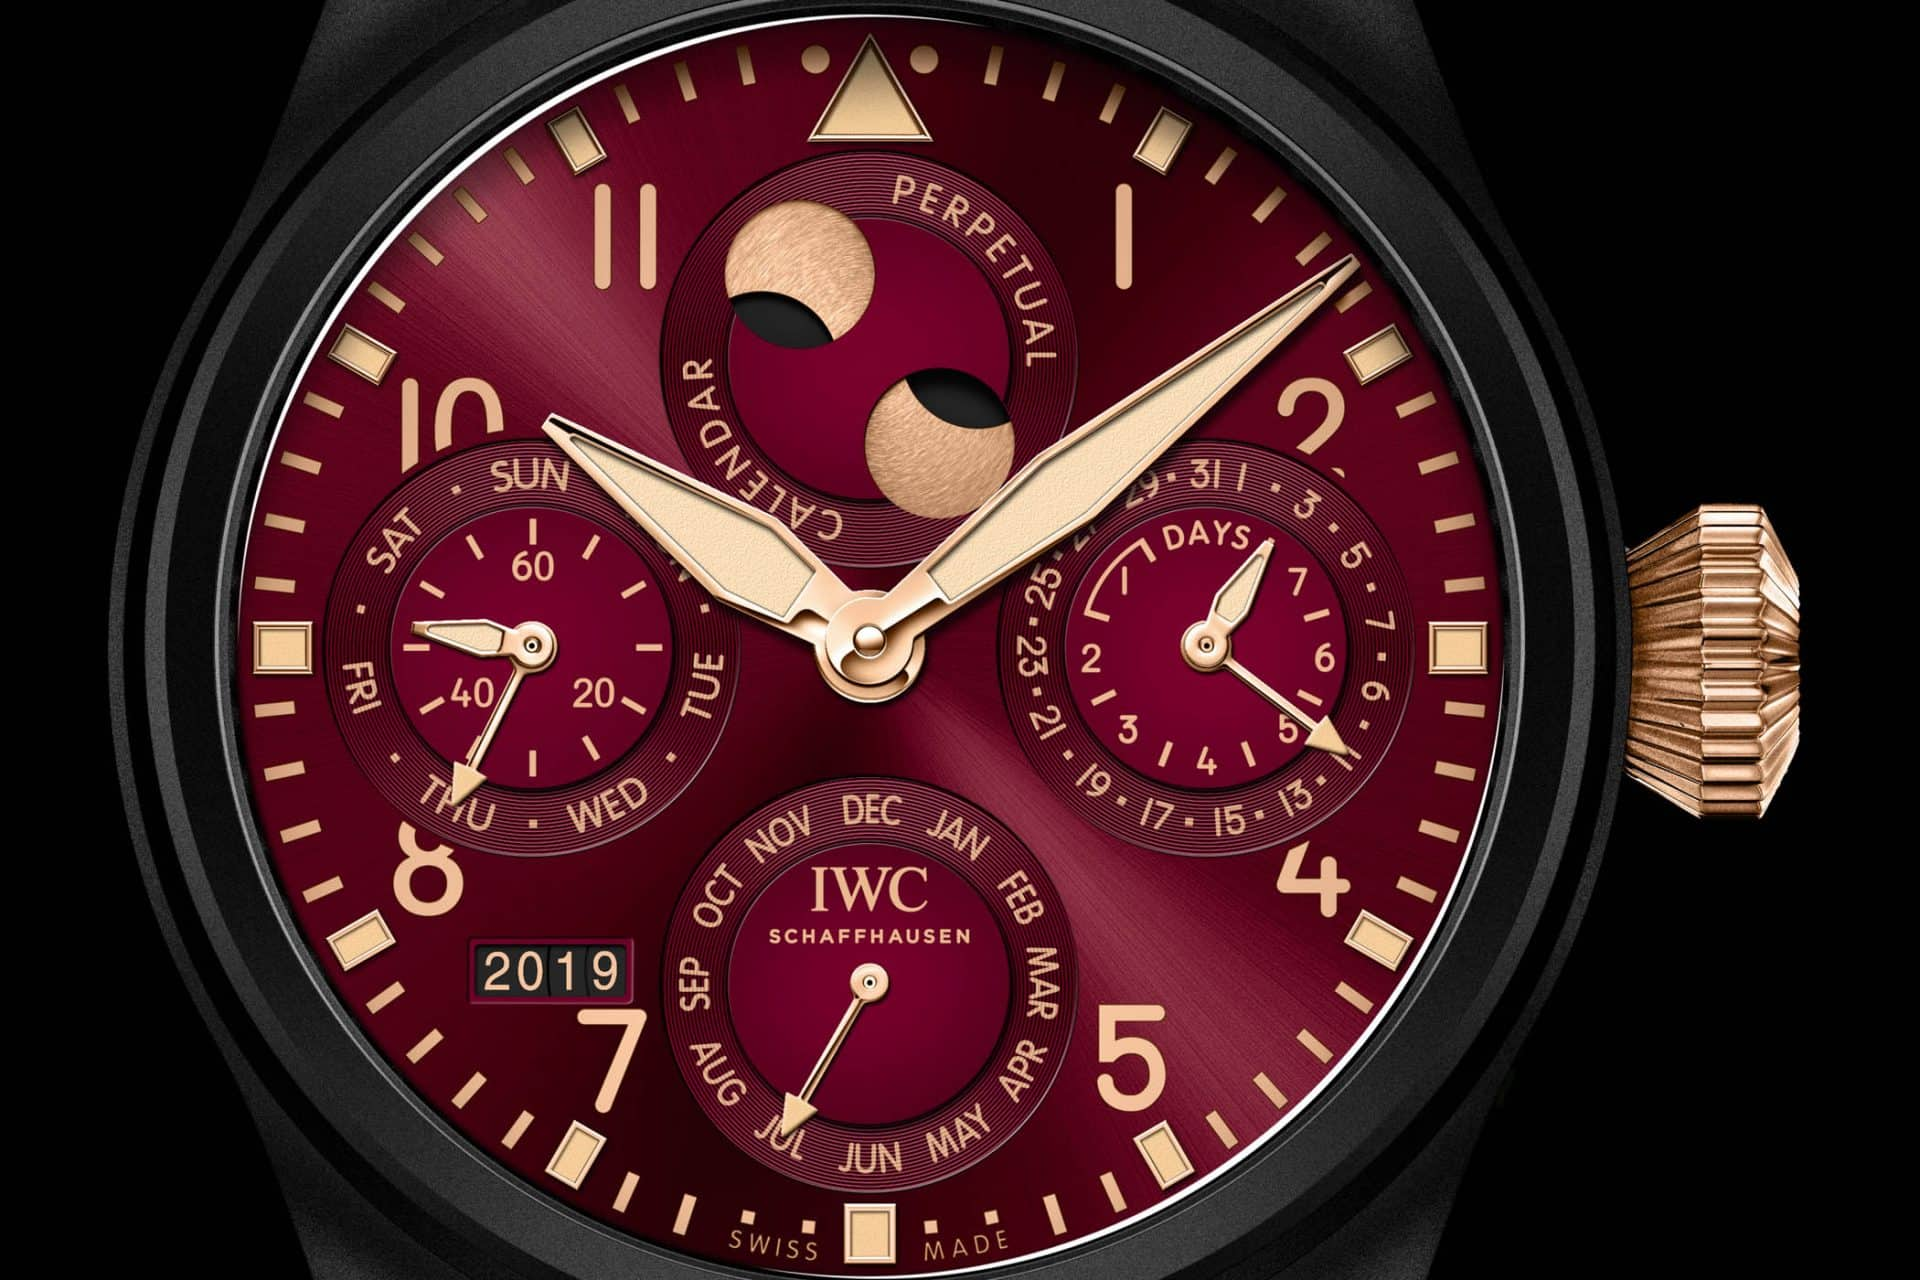 Formel 1 Chronographen wie der IWC Big Pilots Watch Perpetual Calendar Edition Lewis Hamilton Zifferblatt brauchen Eigenständigkeit